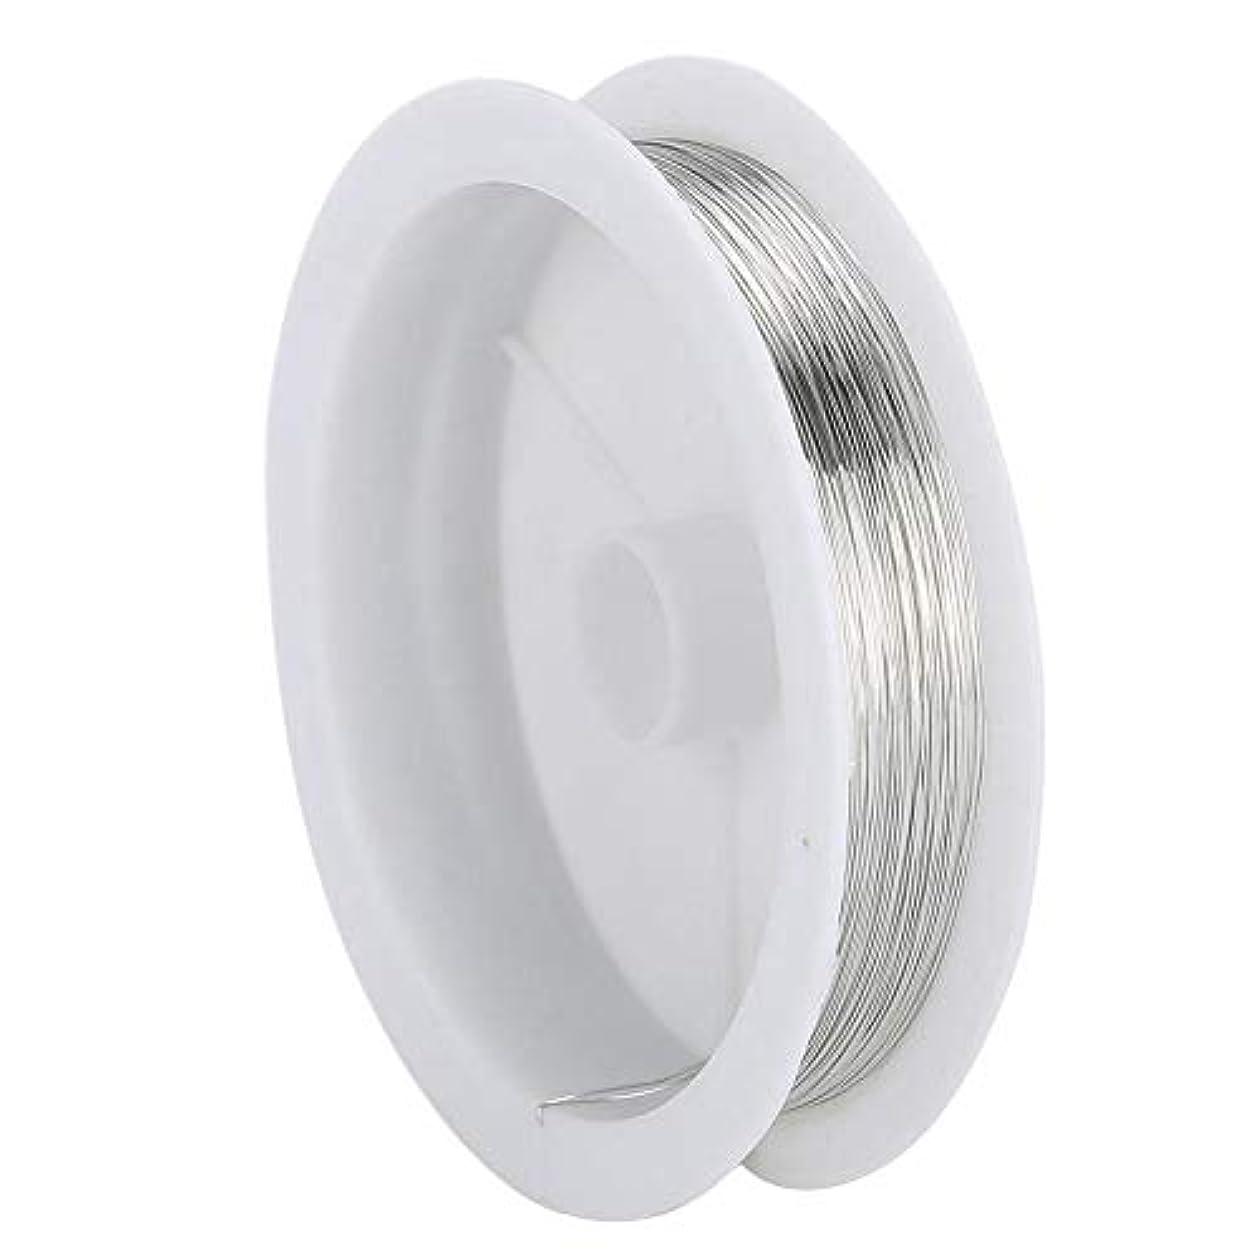 予測子圧力道路DIY ジュエリーワイヤー ビーズひもジュエリーアクセサリーネイルアートマニキュア金属銅線糸(2)